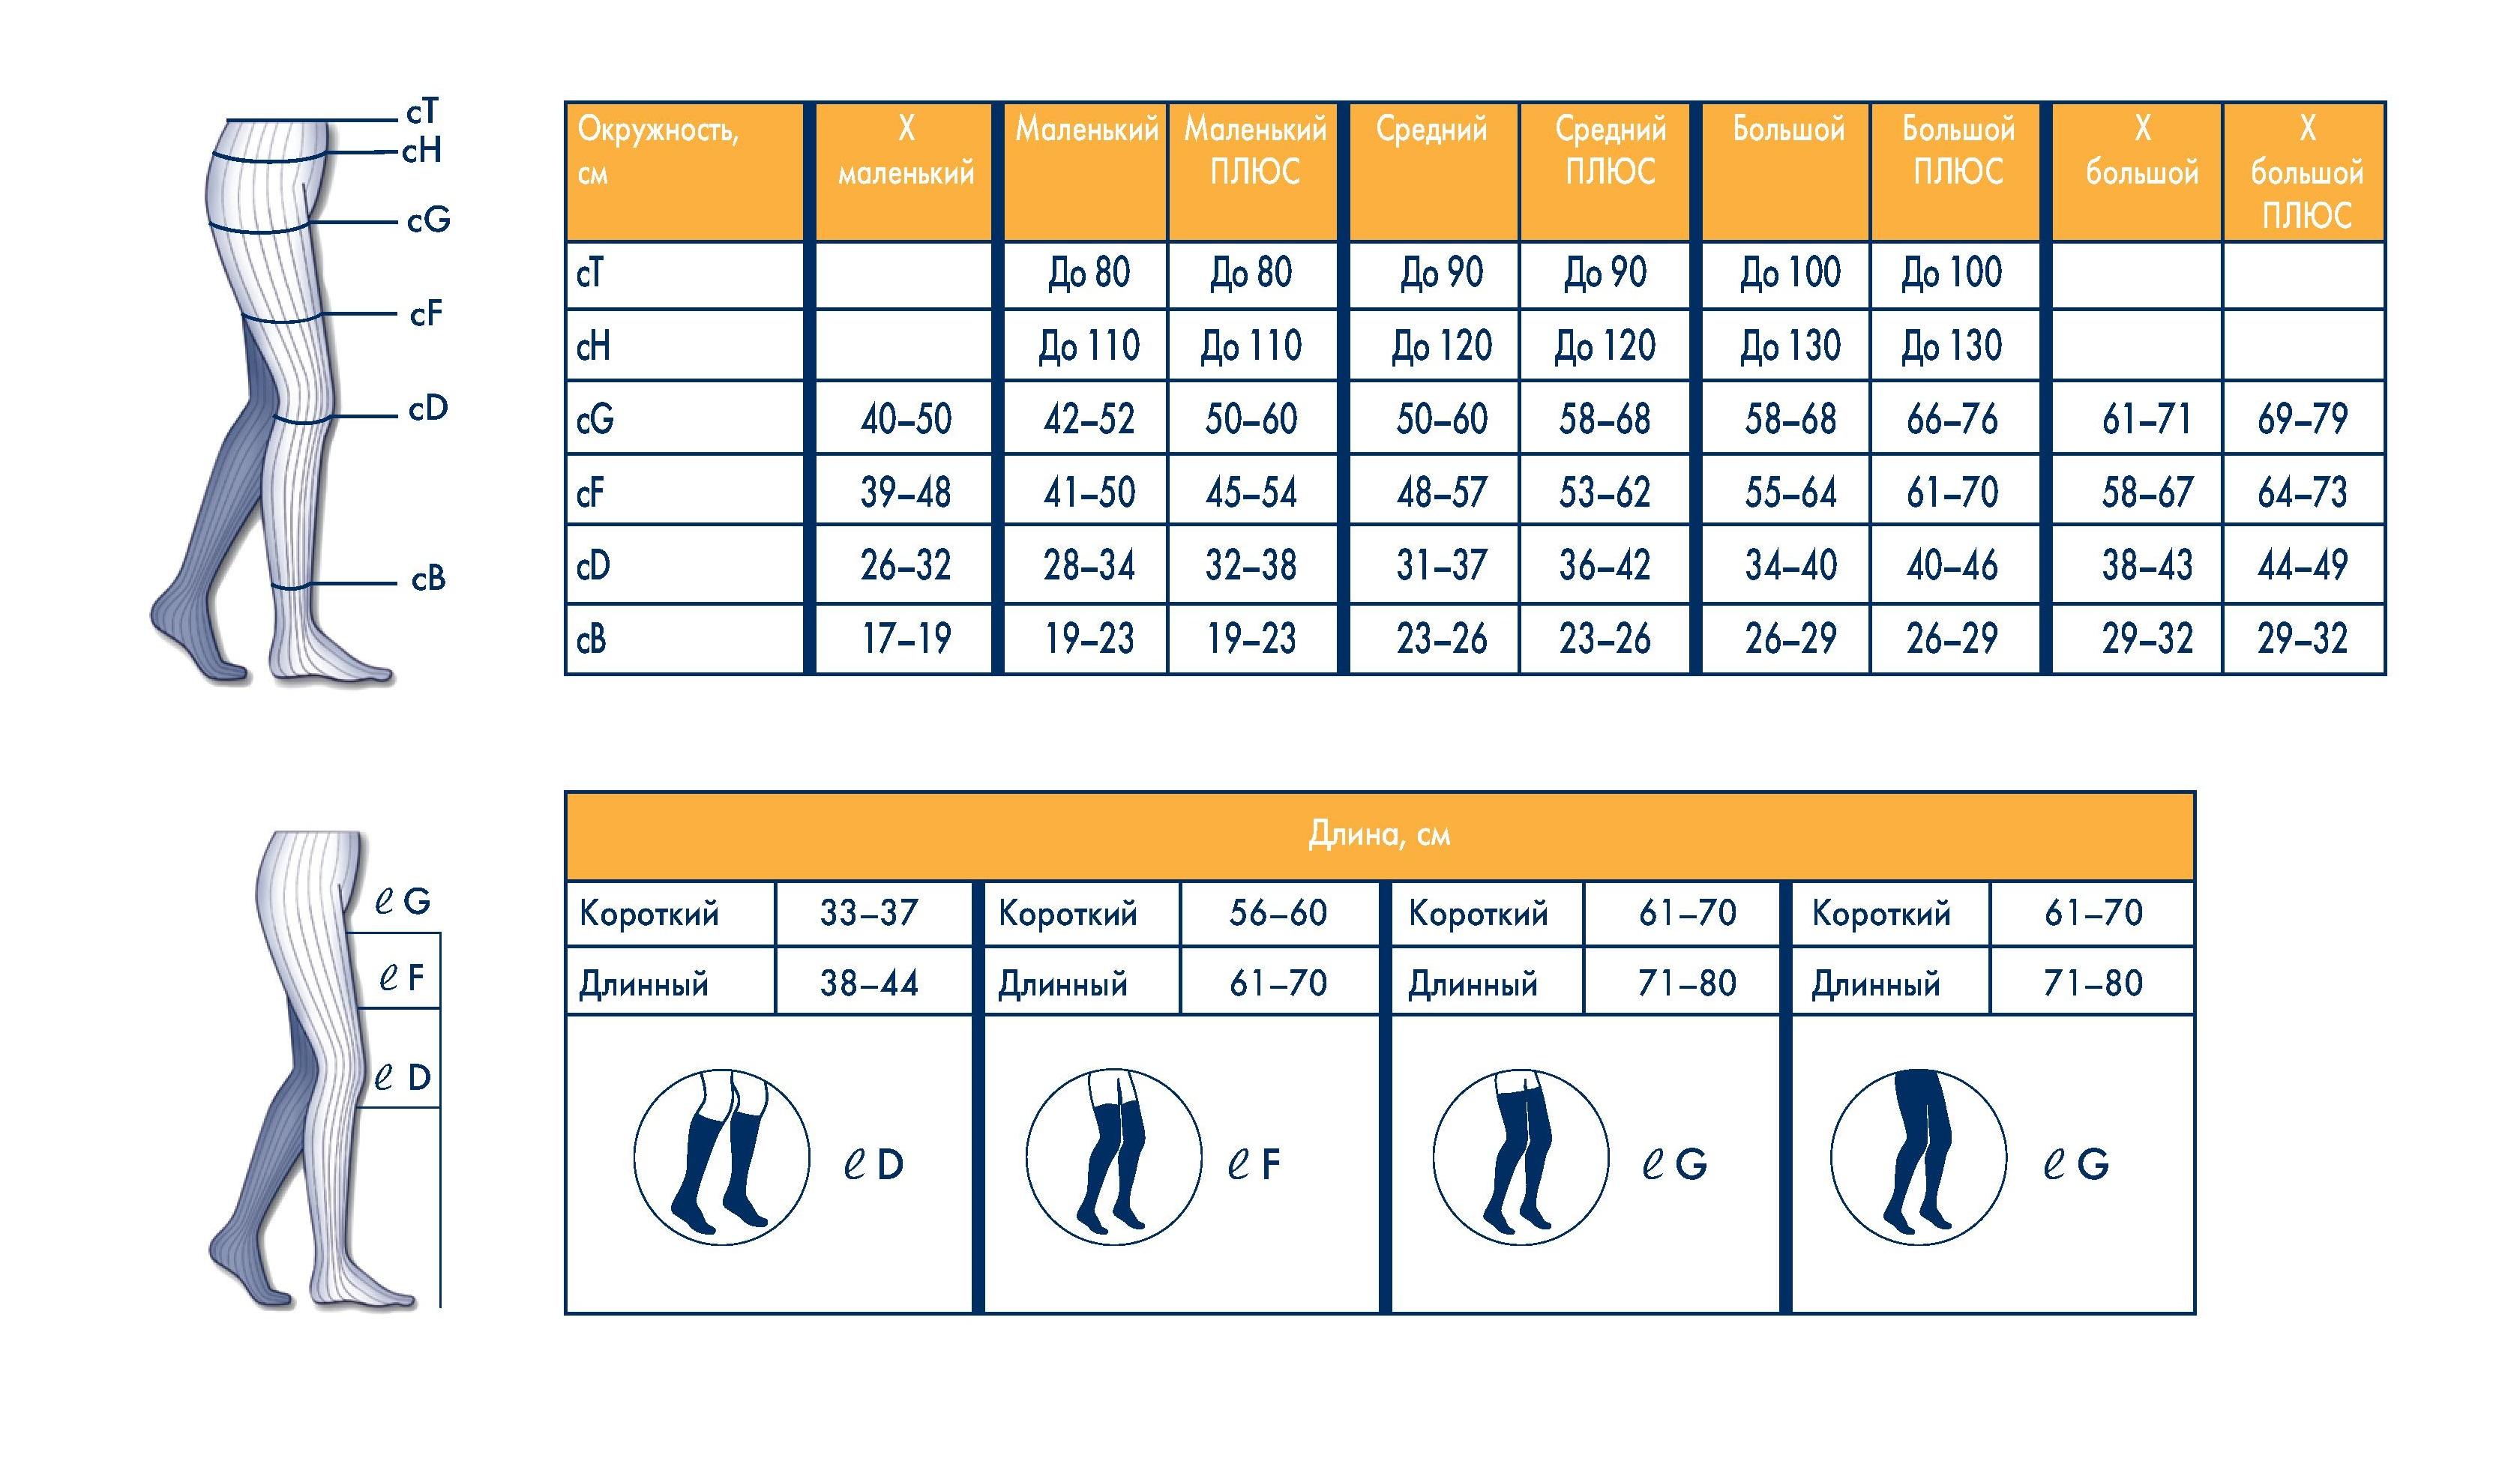 Схема подбора размера компрессионных изделий серии  TRADITIONAL